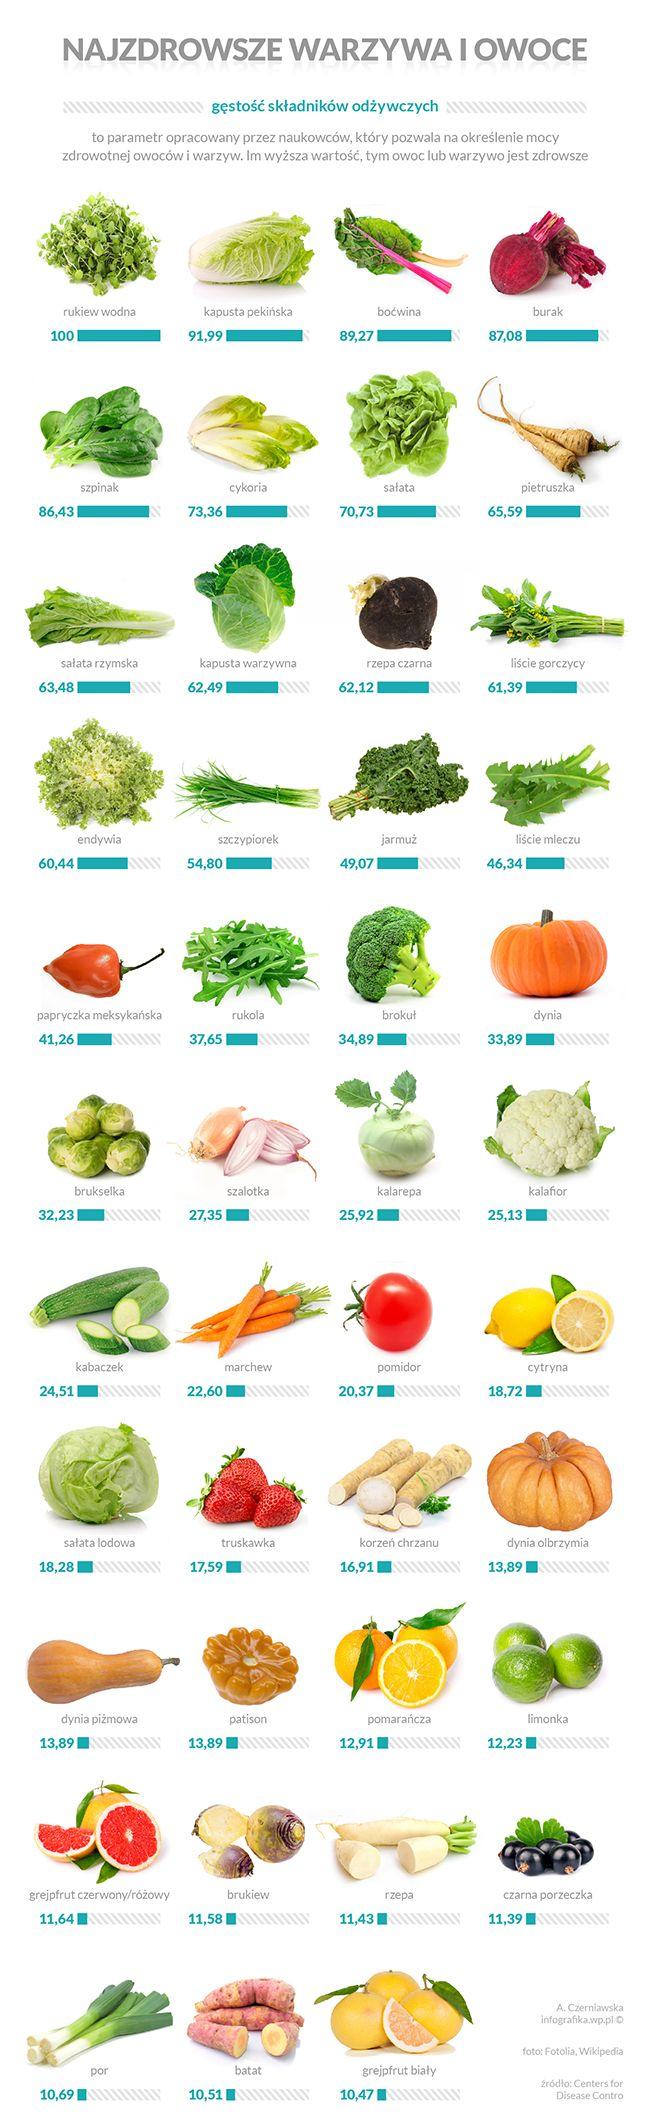 Jesteś na diecie? Zobacz najzdrowsze warzywa i owoce, od których nie przytyjesz!